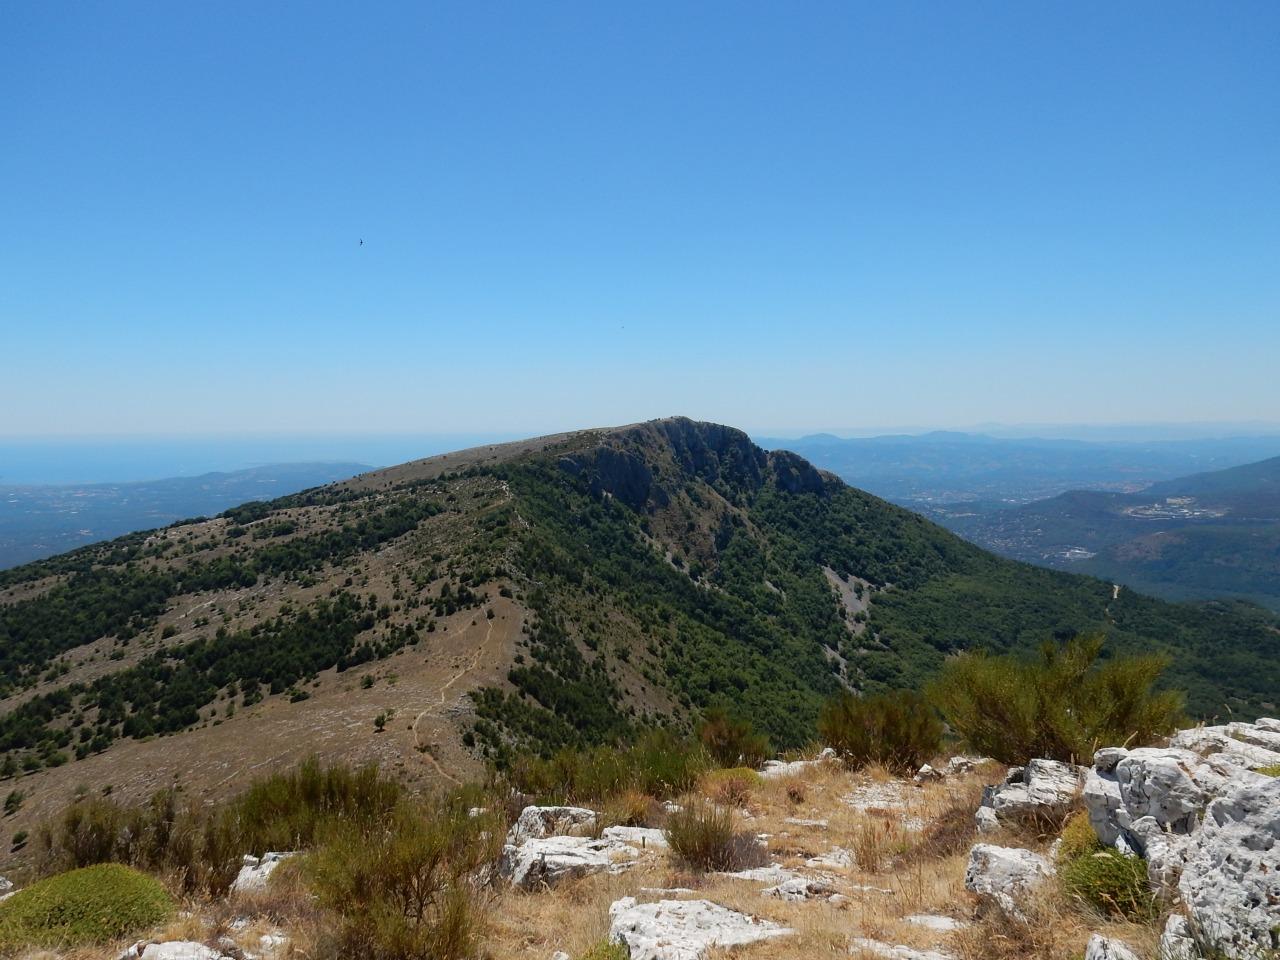 Sortie marche de 18km, le puy des Tourrettes (06), découverte de la descente de Pramafan à faire aussi enVTT.